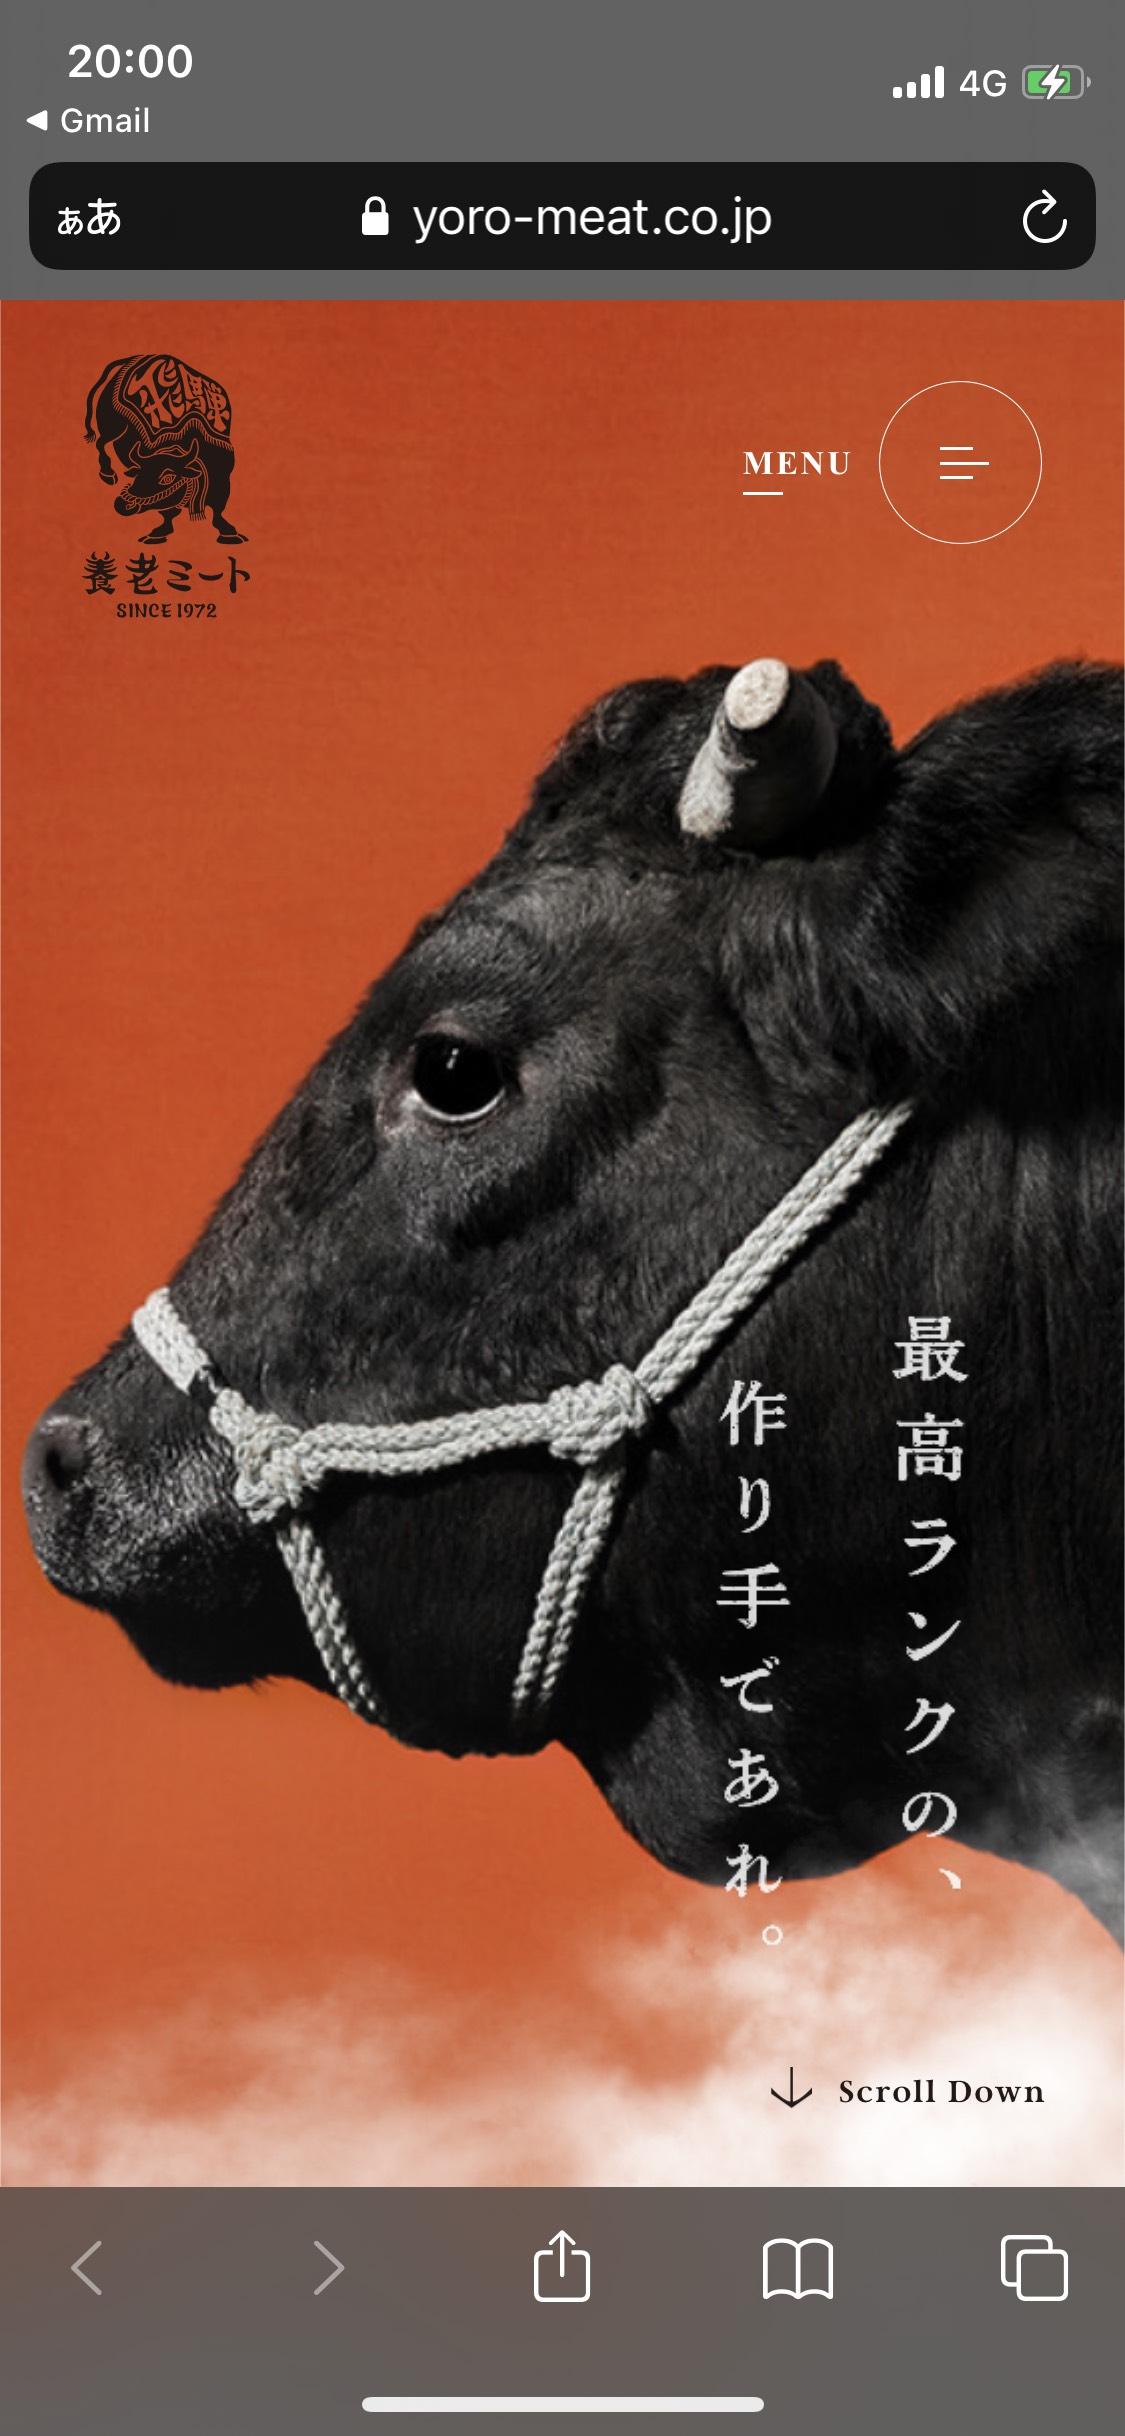 養老ミート株式会社 | 飛騨牛をはじめとする食肉加工、卸を中心に、生産、販売、輸出までワンストップで展開。のサイト